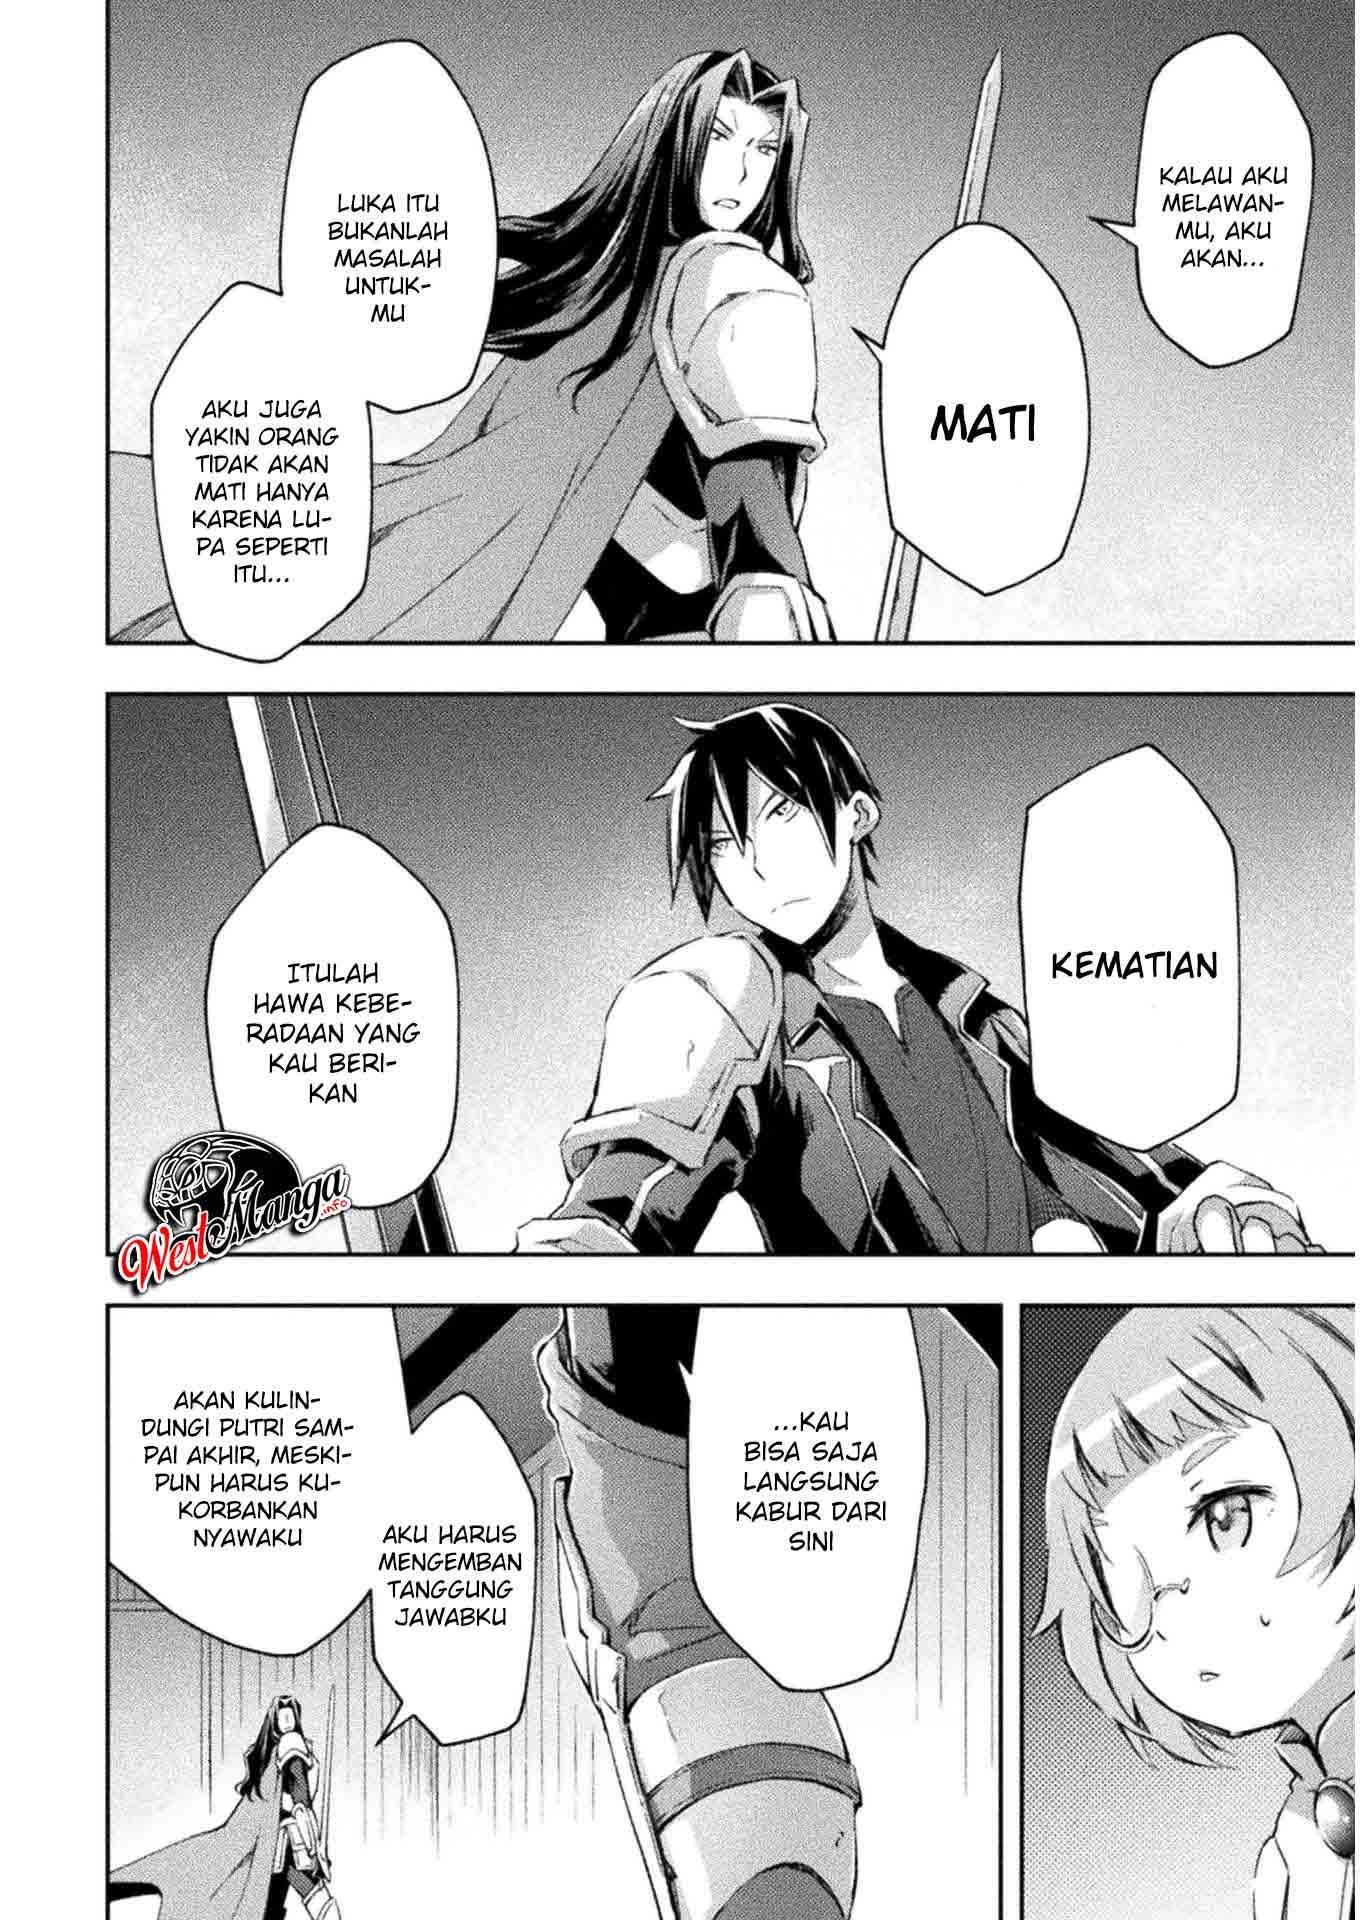 Dungeon Kurashi No Moto Yuusha: Chapter 29 - Page 9